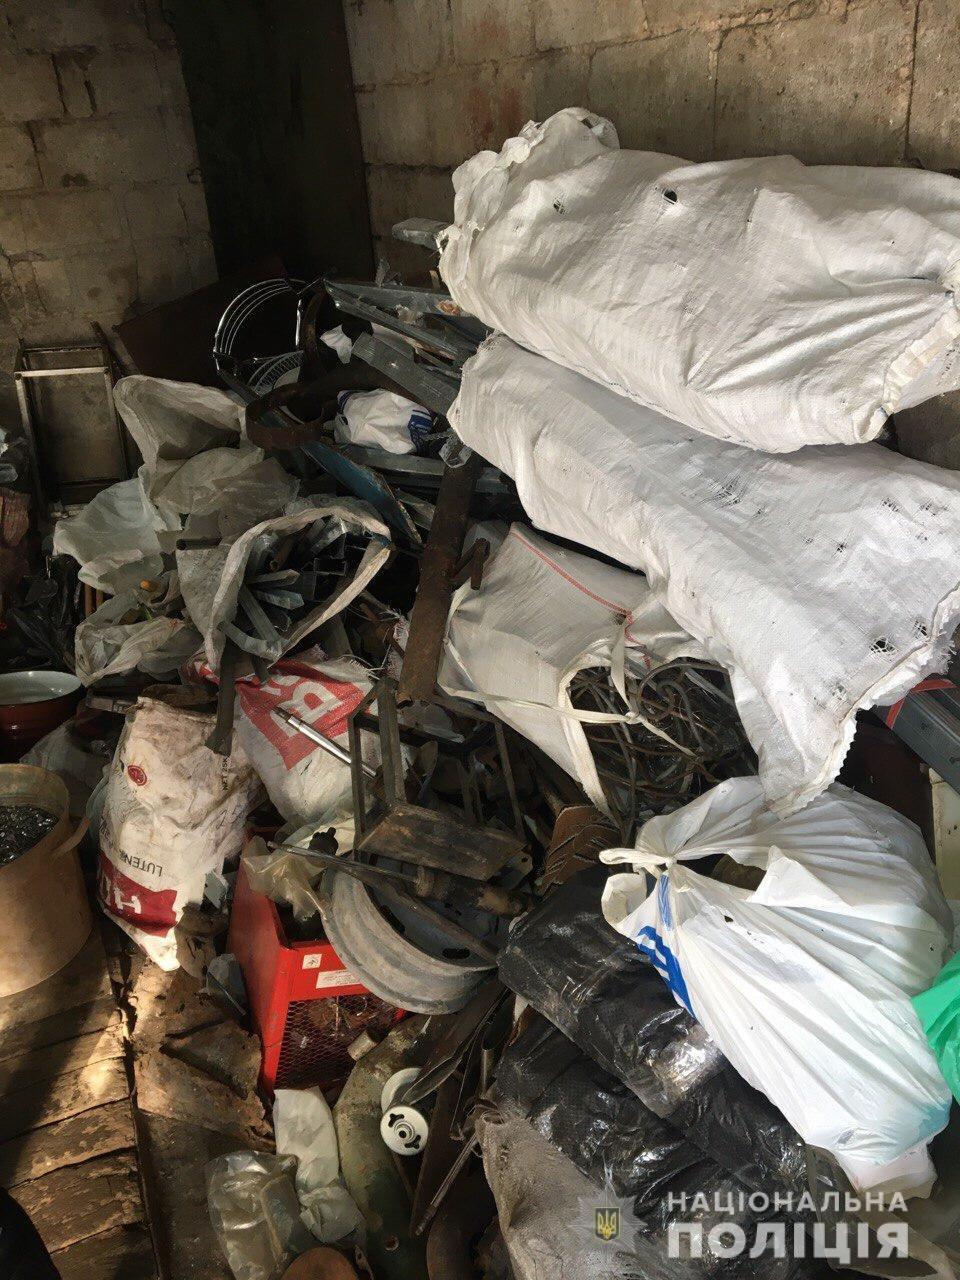 На Днепропетровщине изъяли более трех тонн металлолома, - ФОТО, фото-2